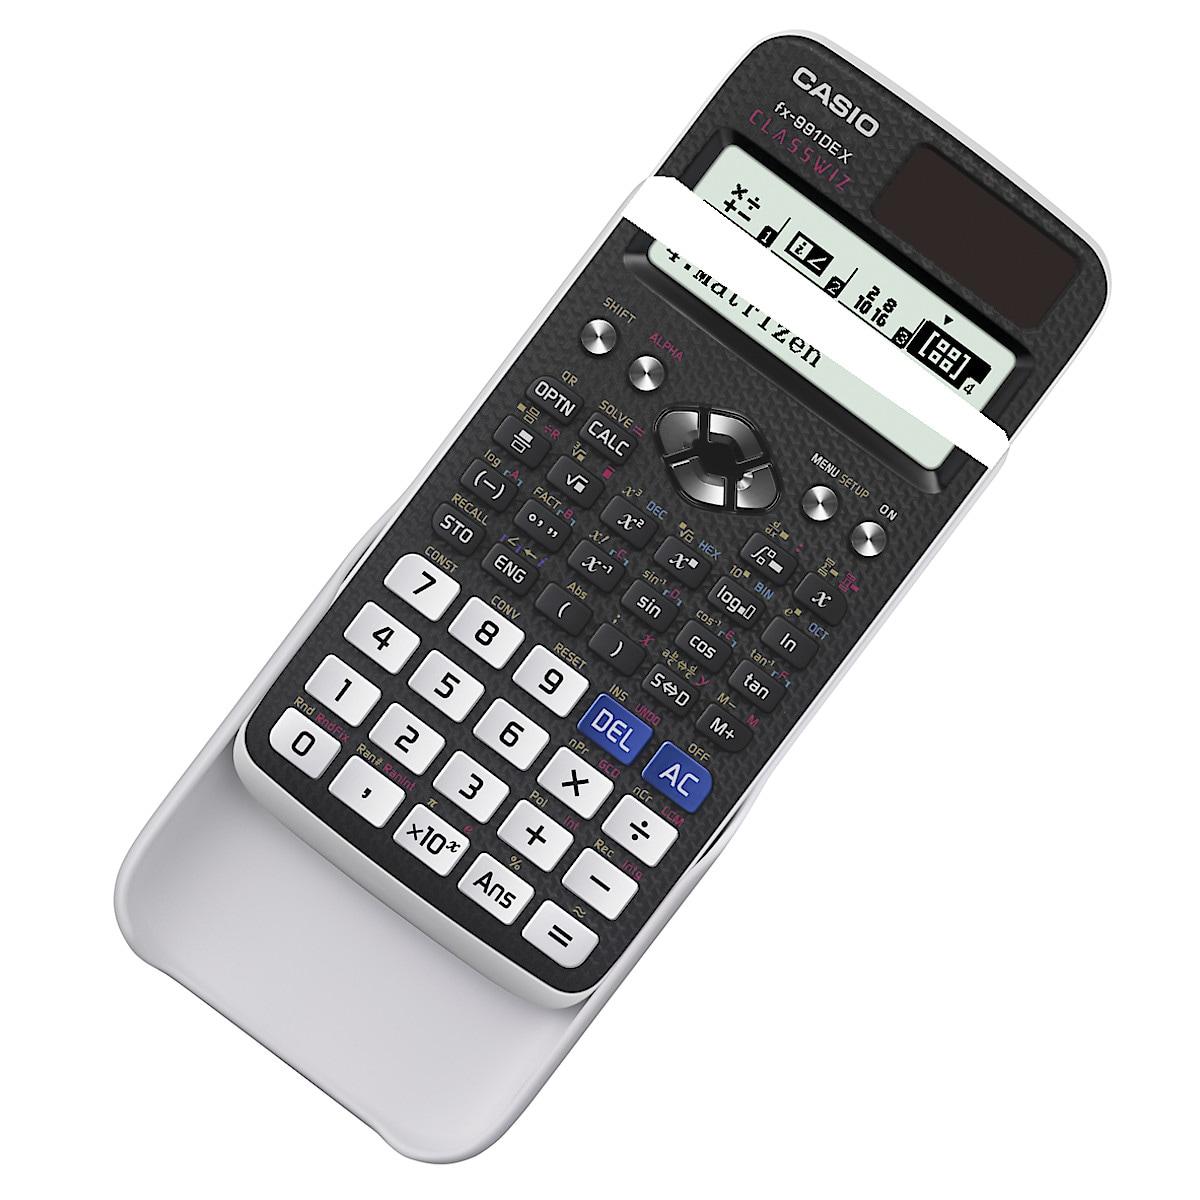 Taschenrechner Casio FX-991DE X ClassWiz